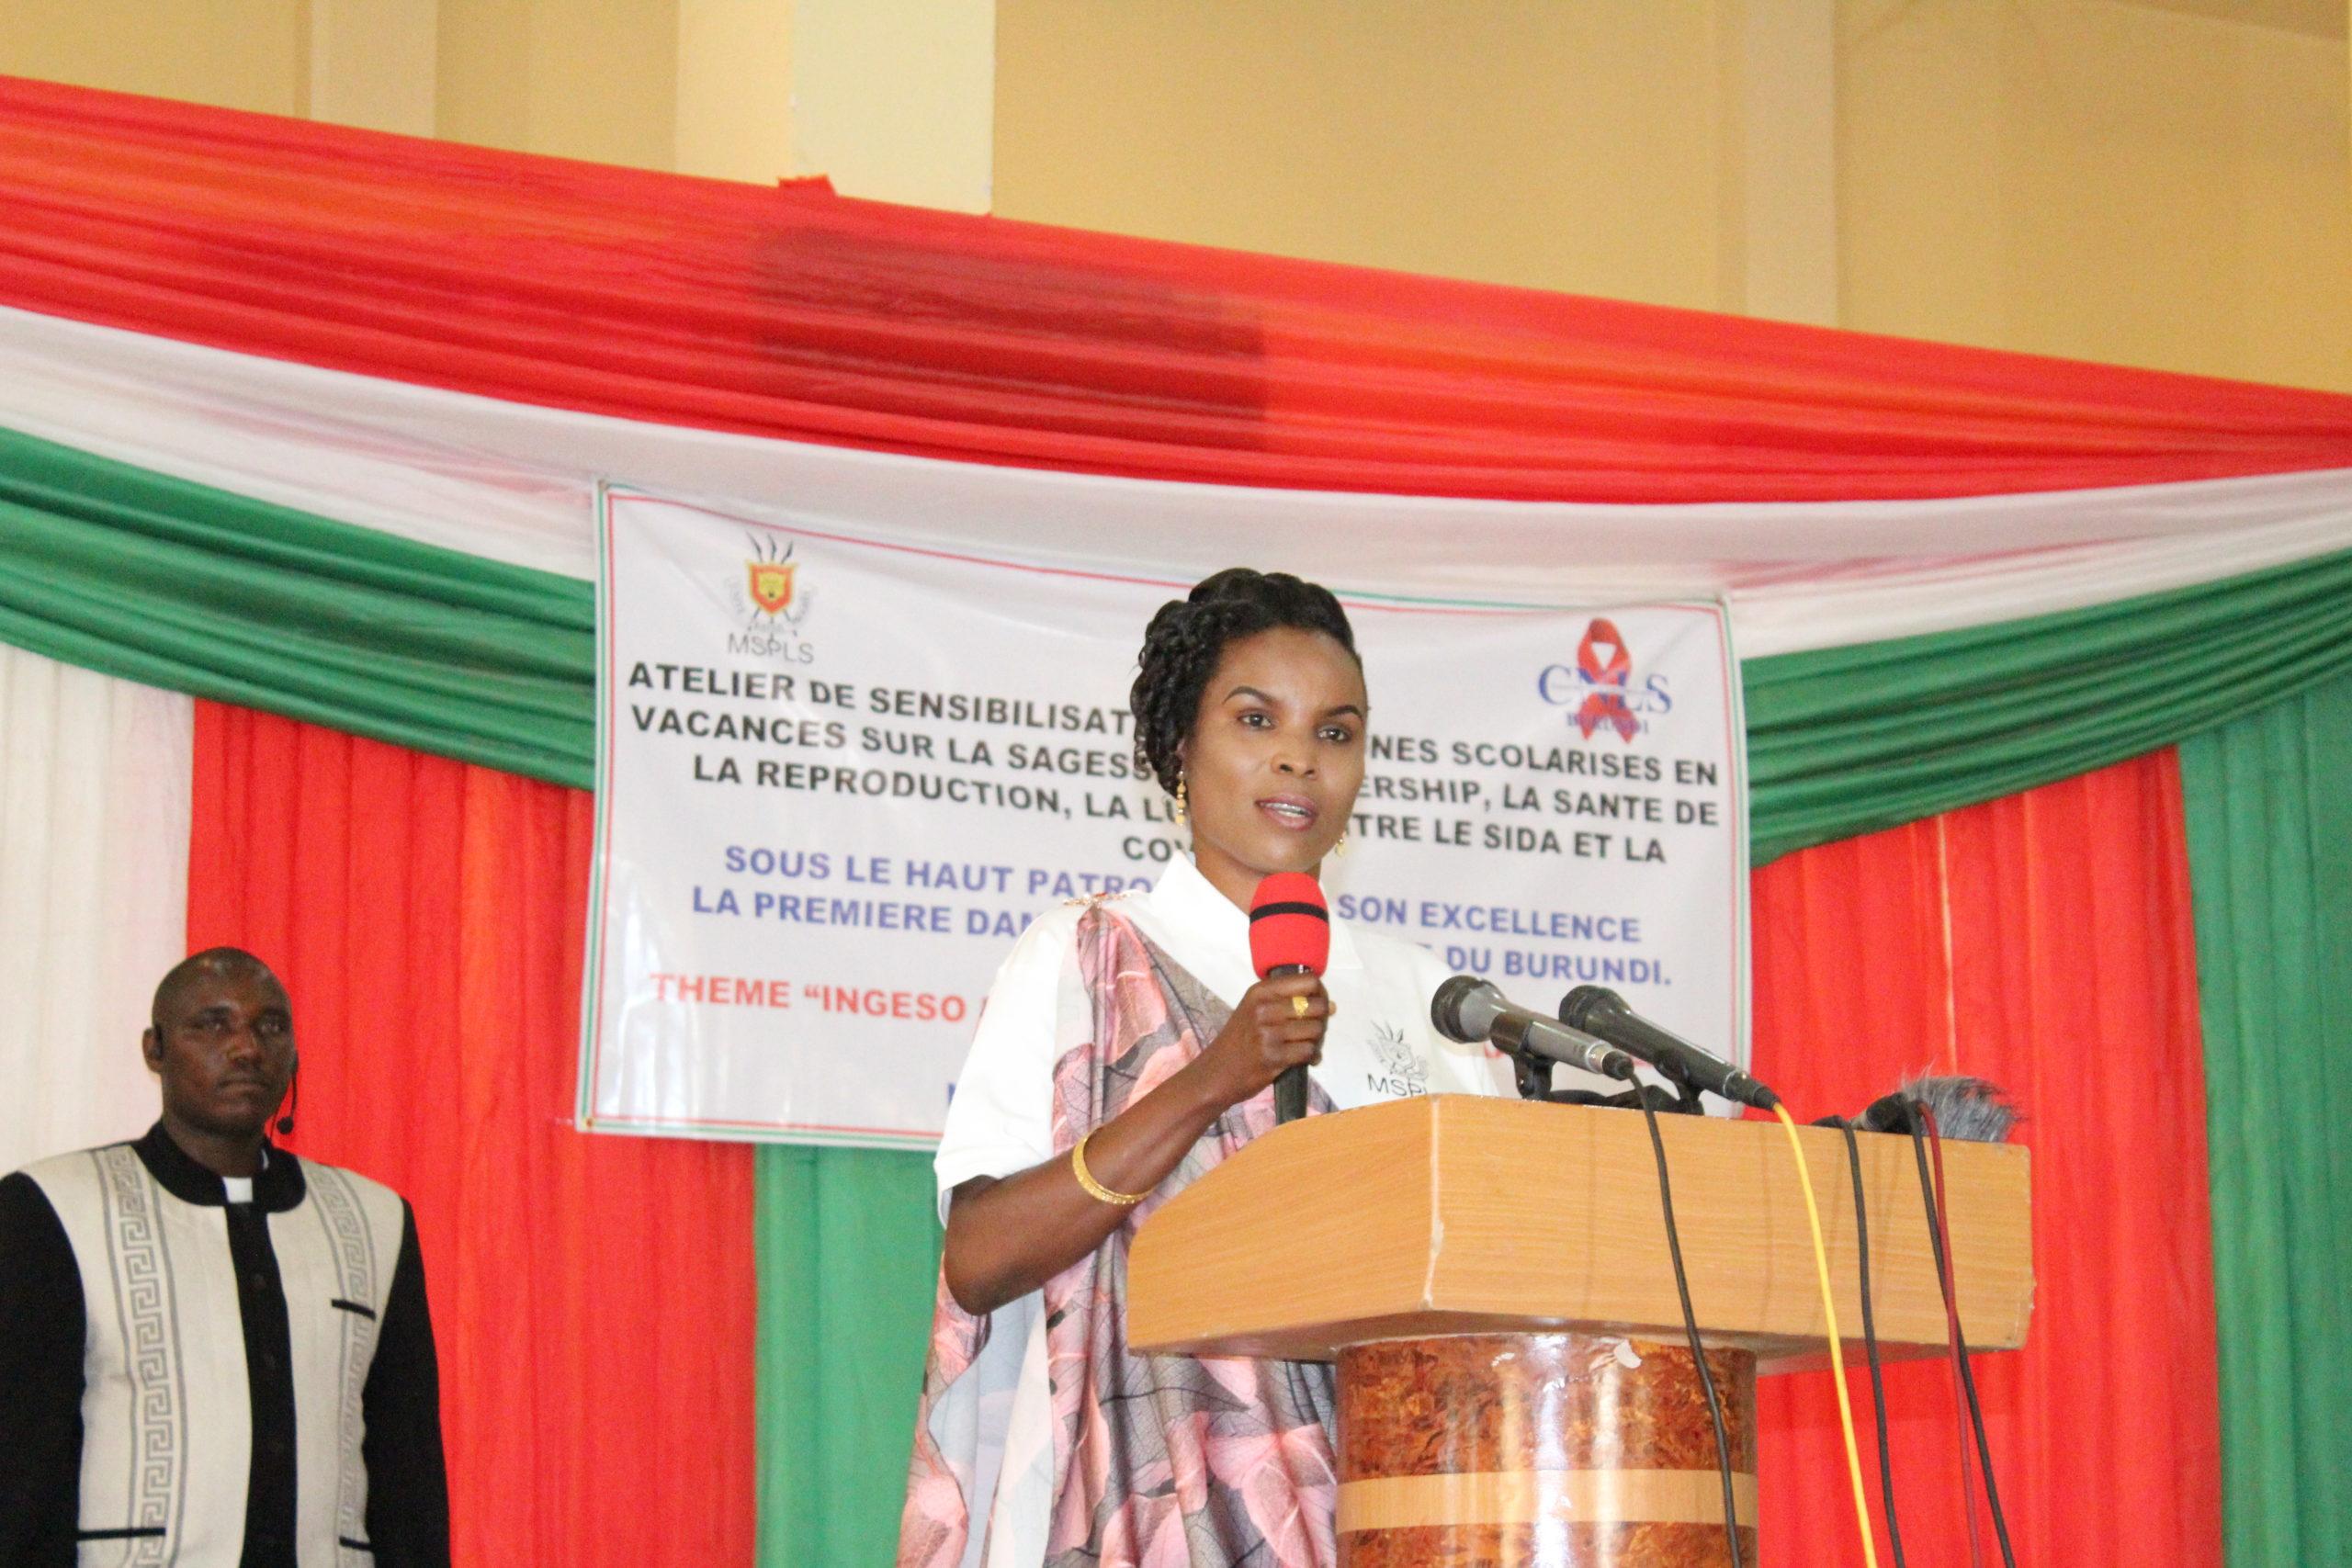 La Première Dame du Burundi rencontre les jeunes, en vacances, de la commune Ntahangwa